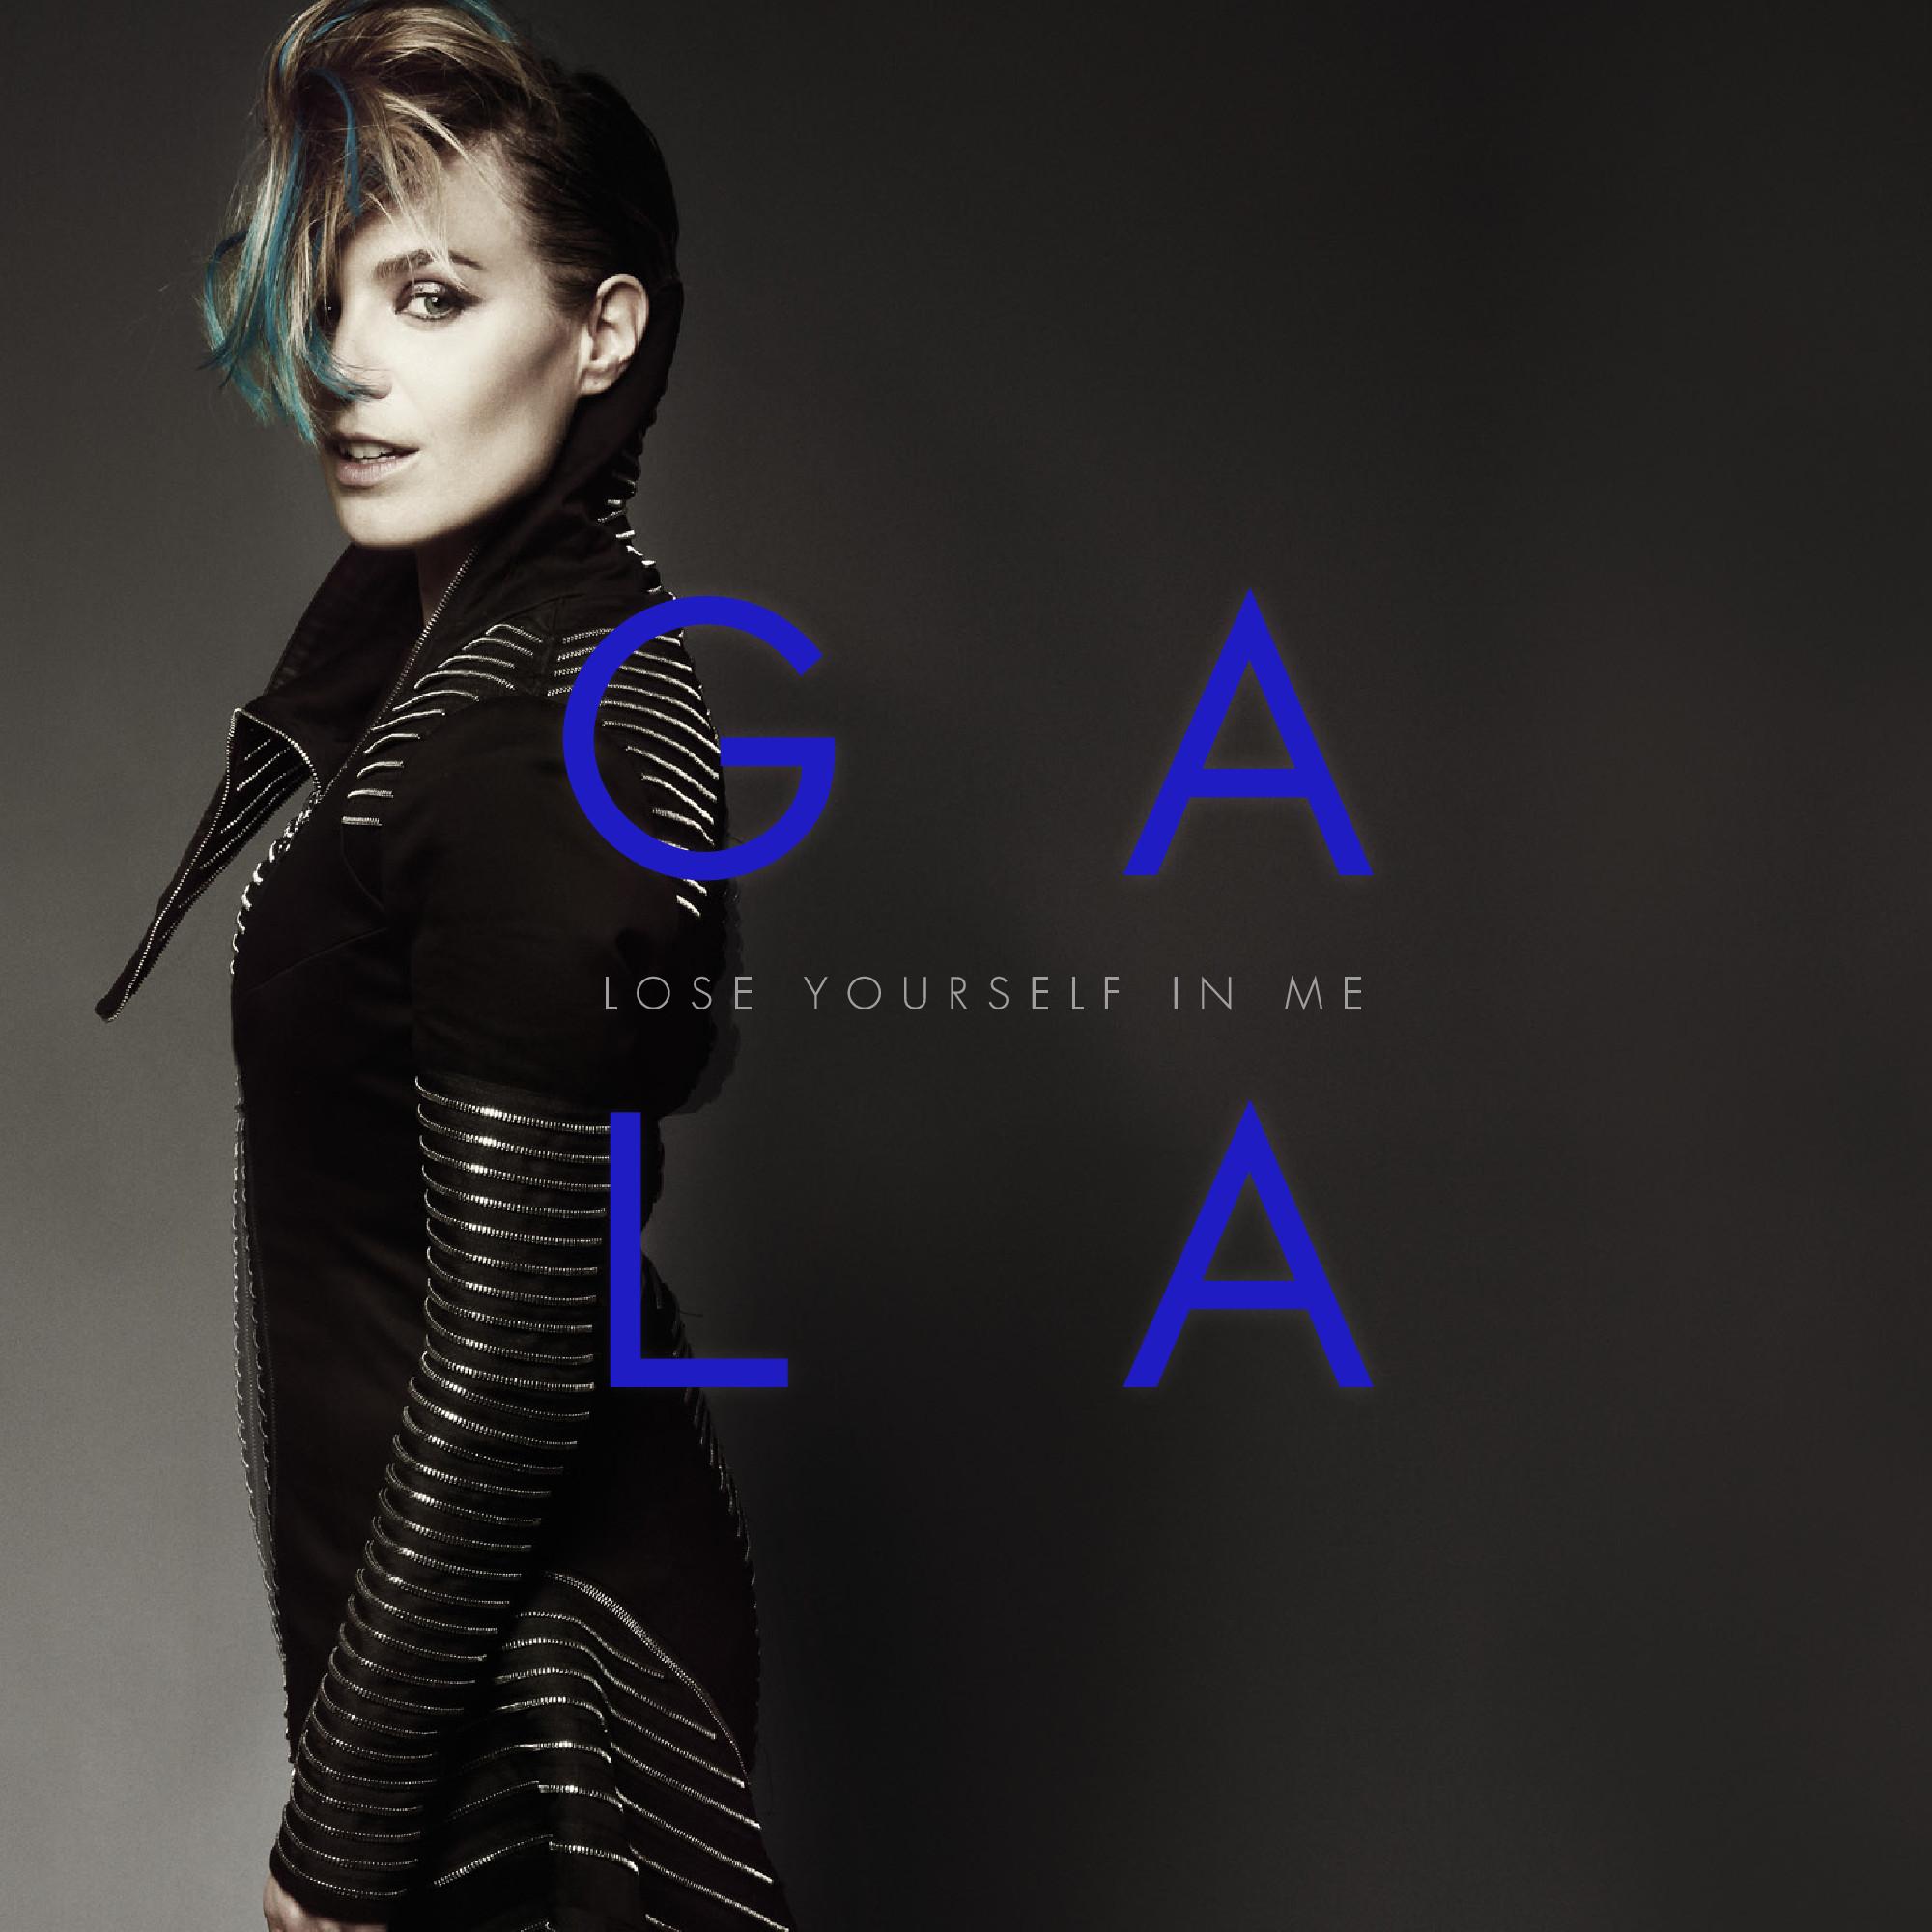 Lose-Yourself-In-Me-2012-single-gala-30730394-2000-2000.jpg